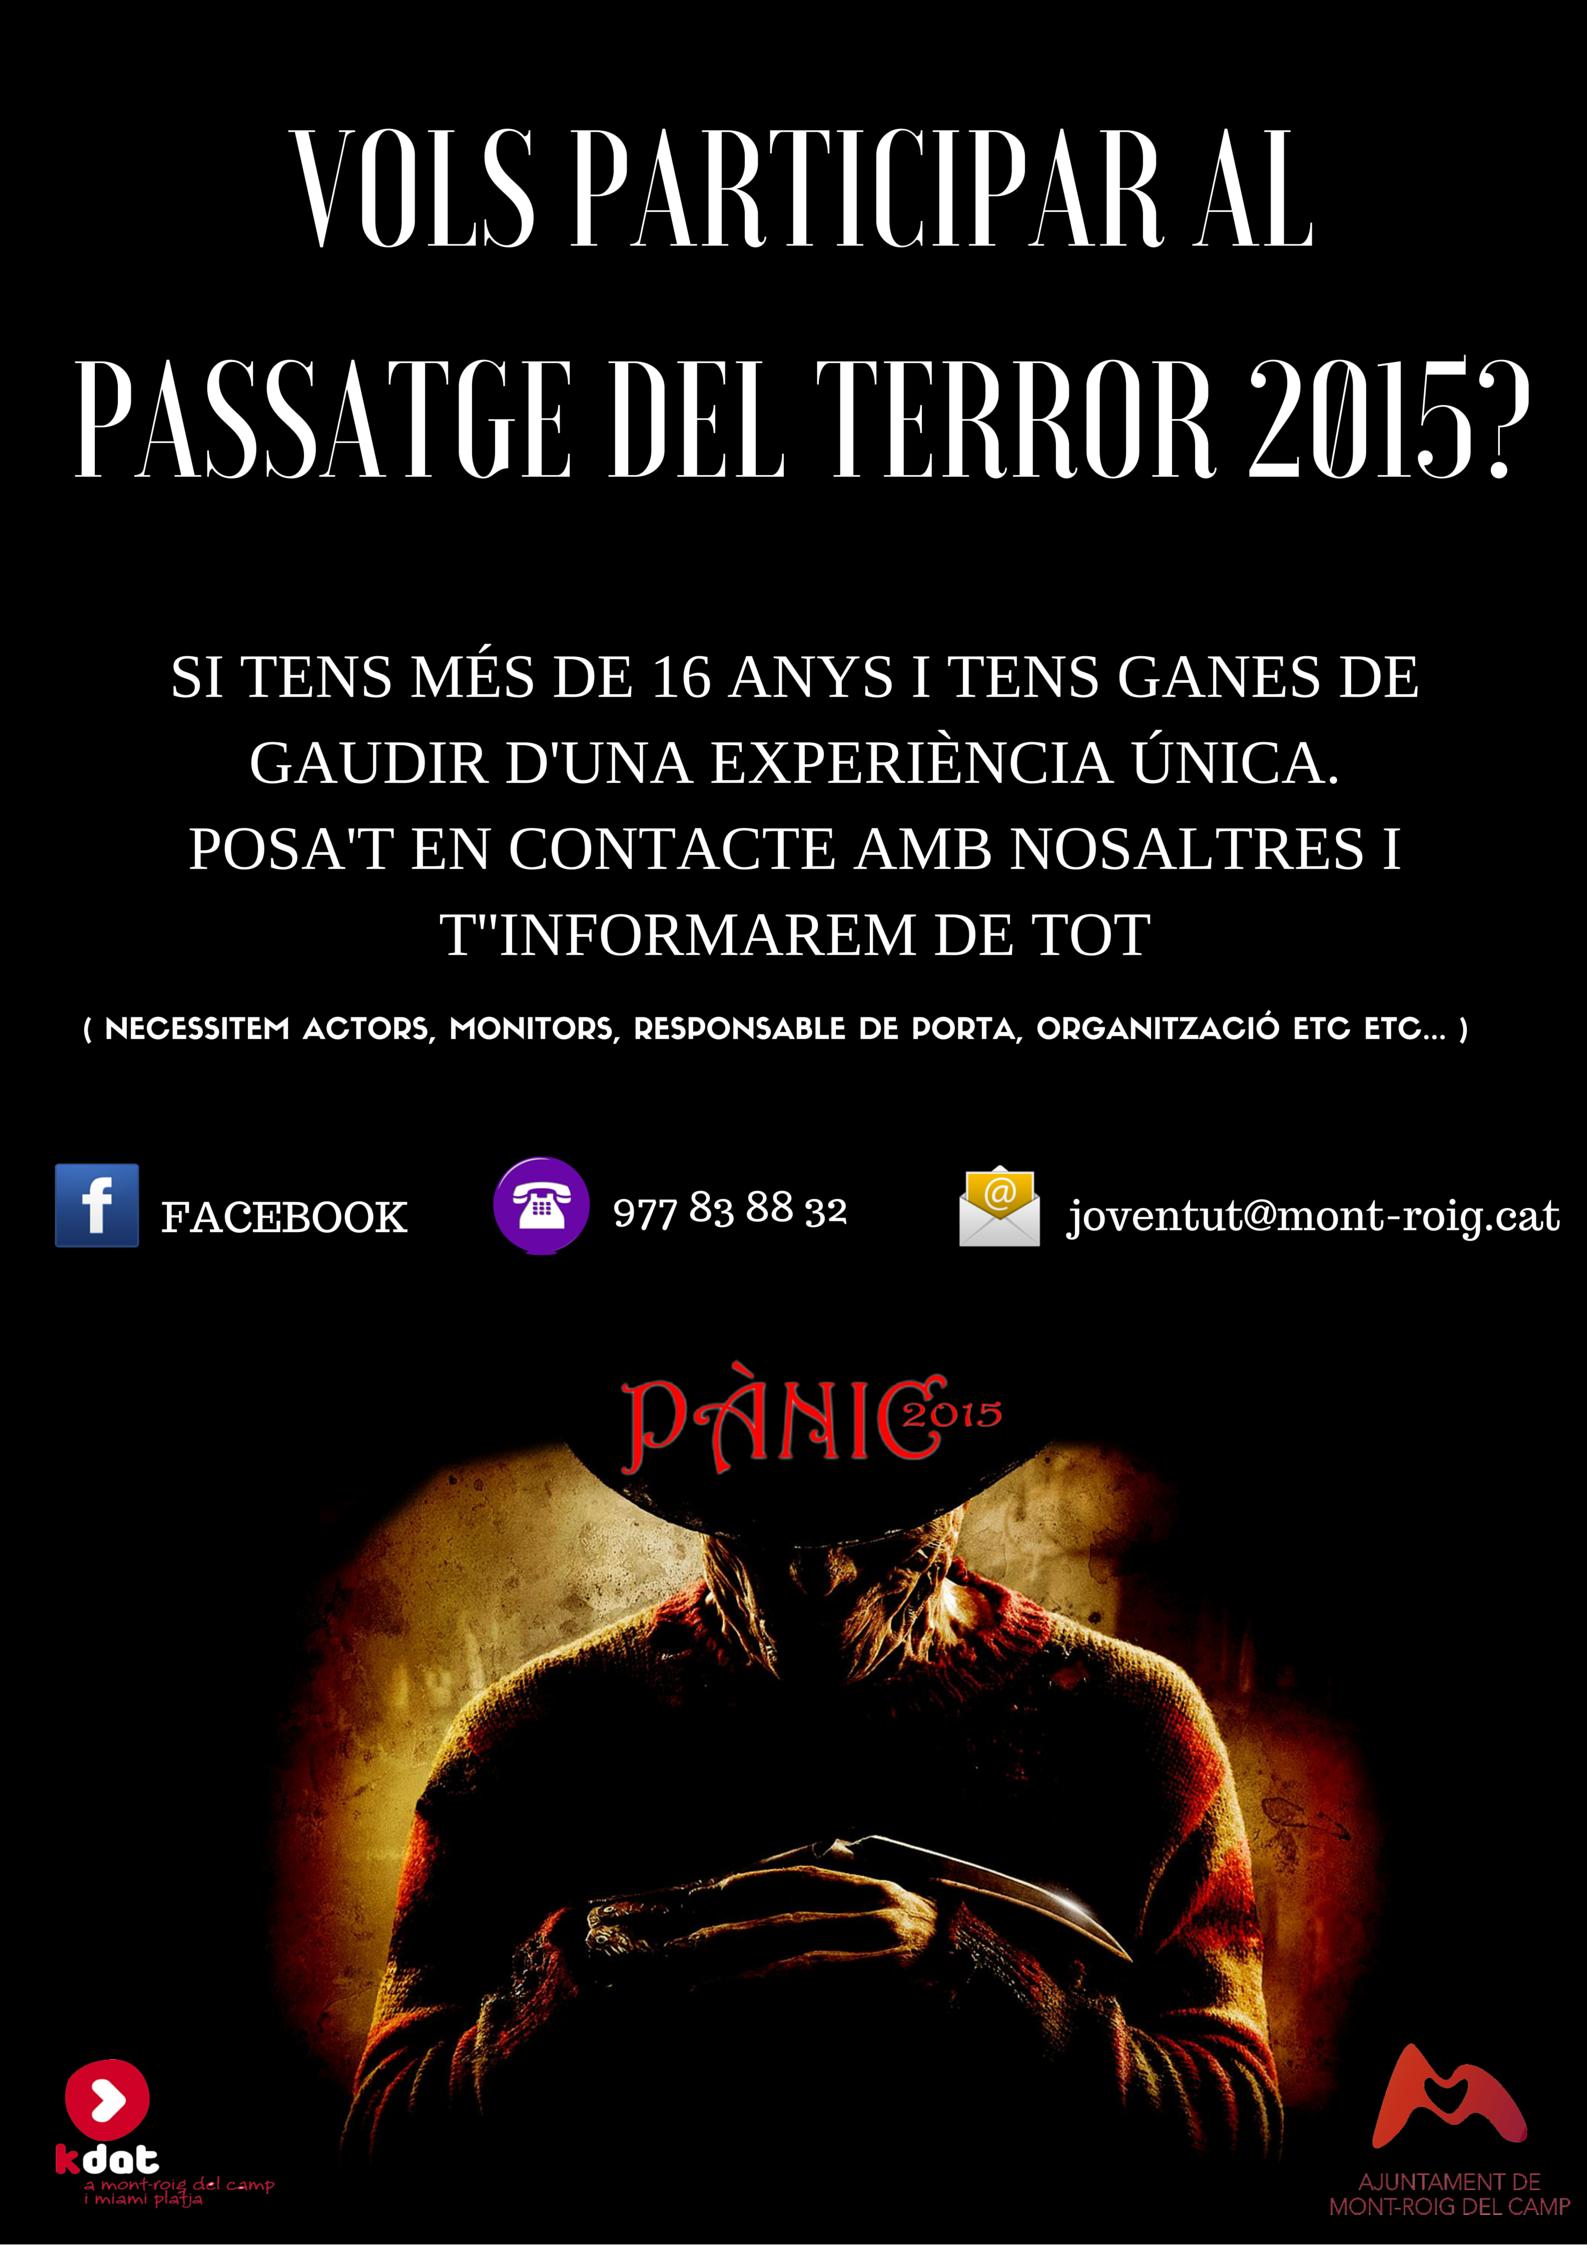 vols_participar_alpassatge_del_terror_2015-.png